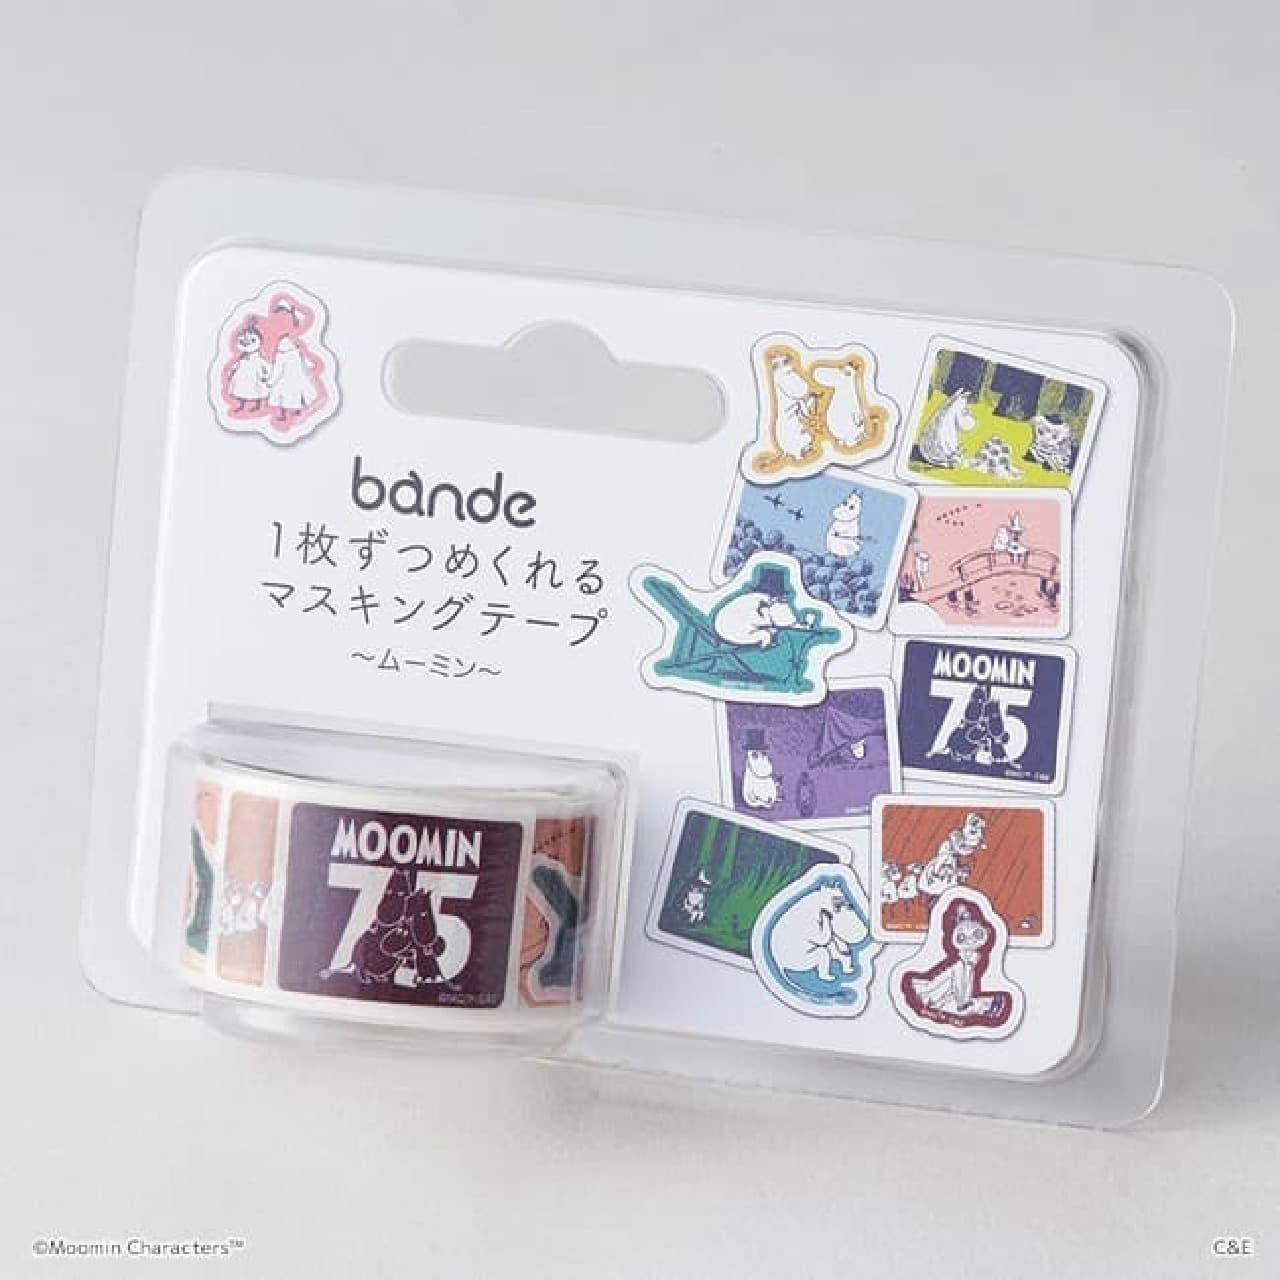 ムーミン75周年記念グッズがTSUTAYAから -- 抗菌マスクケースや1枚ずつめくれるマステ「bande」など